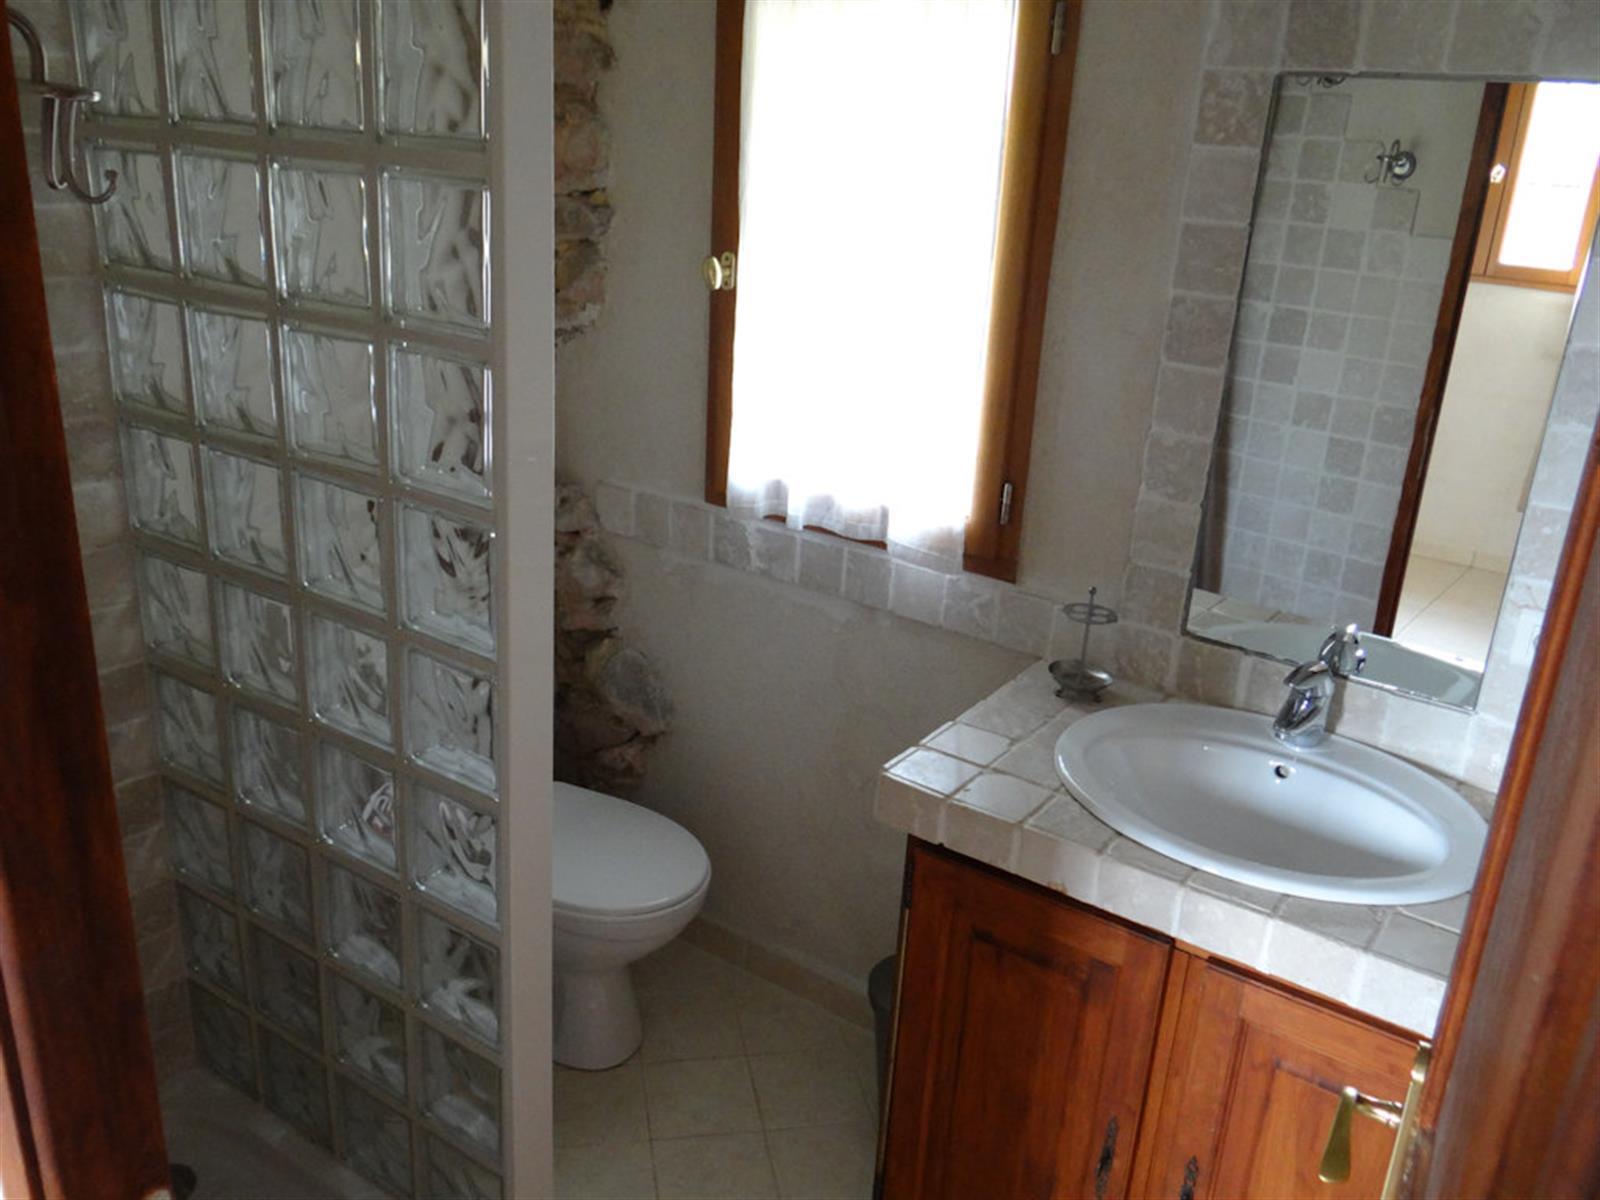 Maison de vacances - St-Cezaire-sur-Siagne (Grotte) - #4281618-3